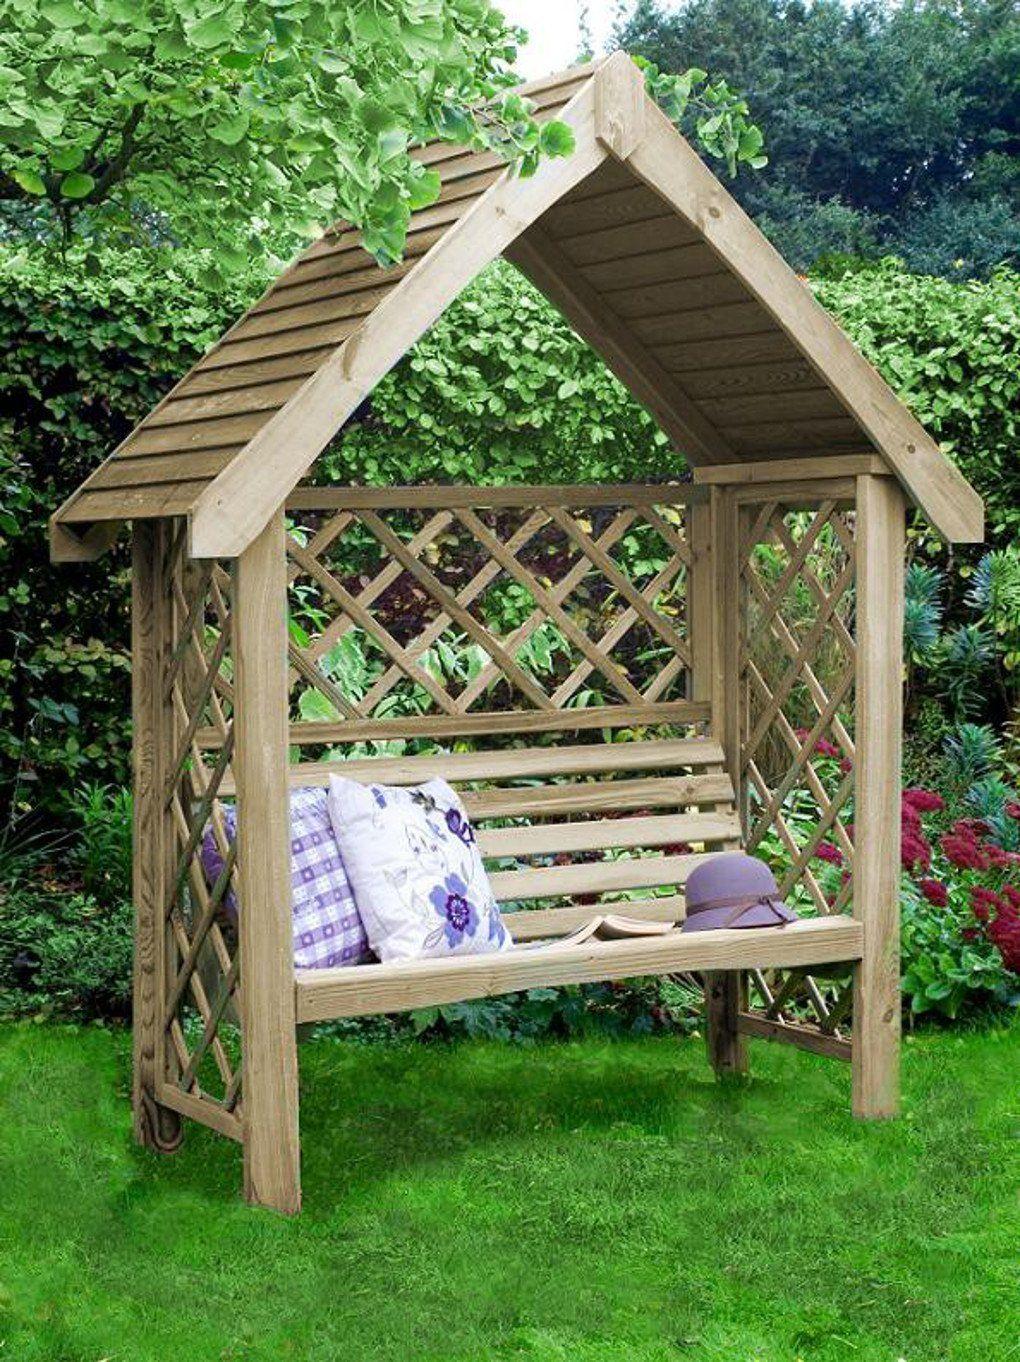 gartenbank mit dach gartenlauben und carports oxford arbor gartenbank mit dach in 2019. Black Bedroom Furniture Sets. Home Design Ideas